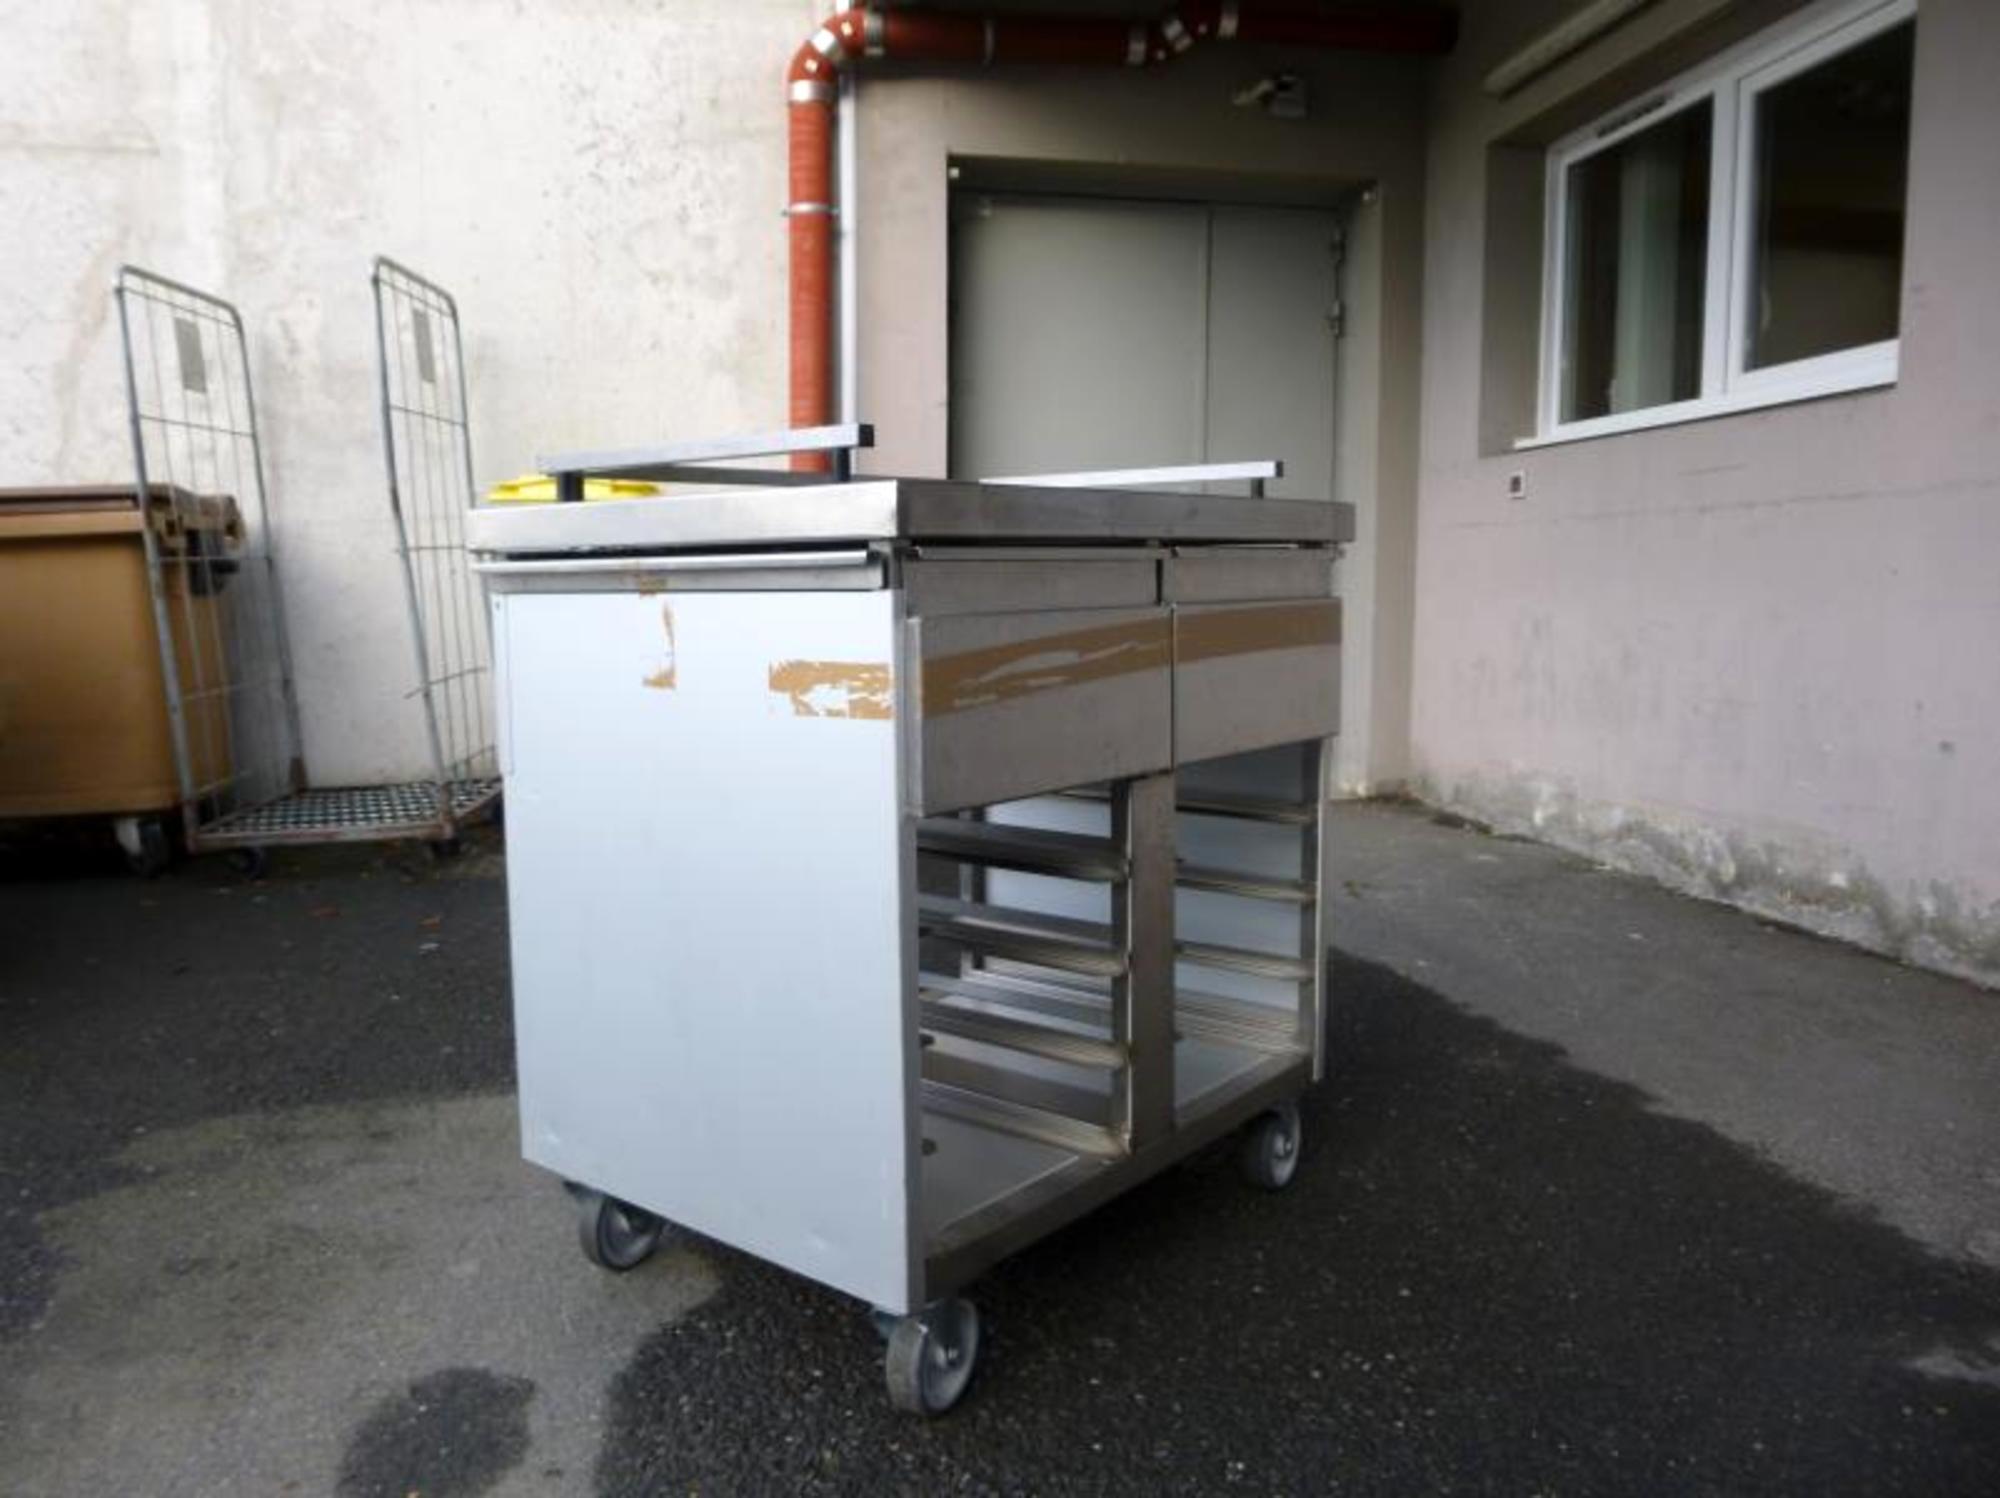 Chariot petit d jeuner equipement de cuisine d 39 occasion for Equipement de cuisine